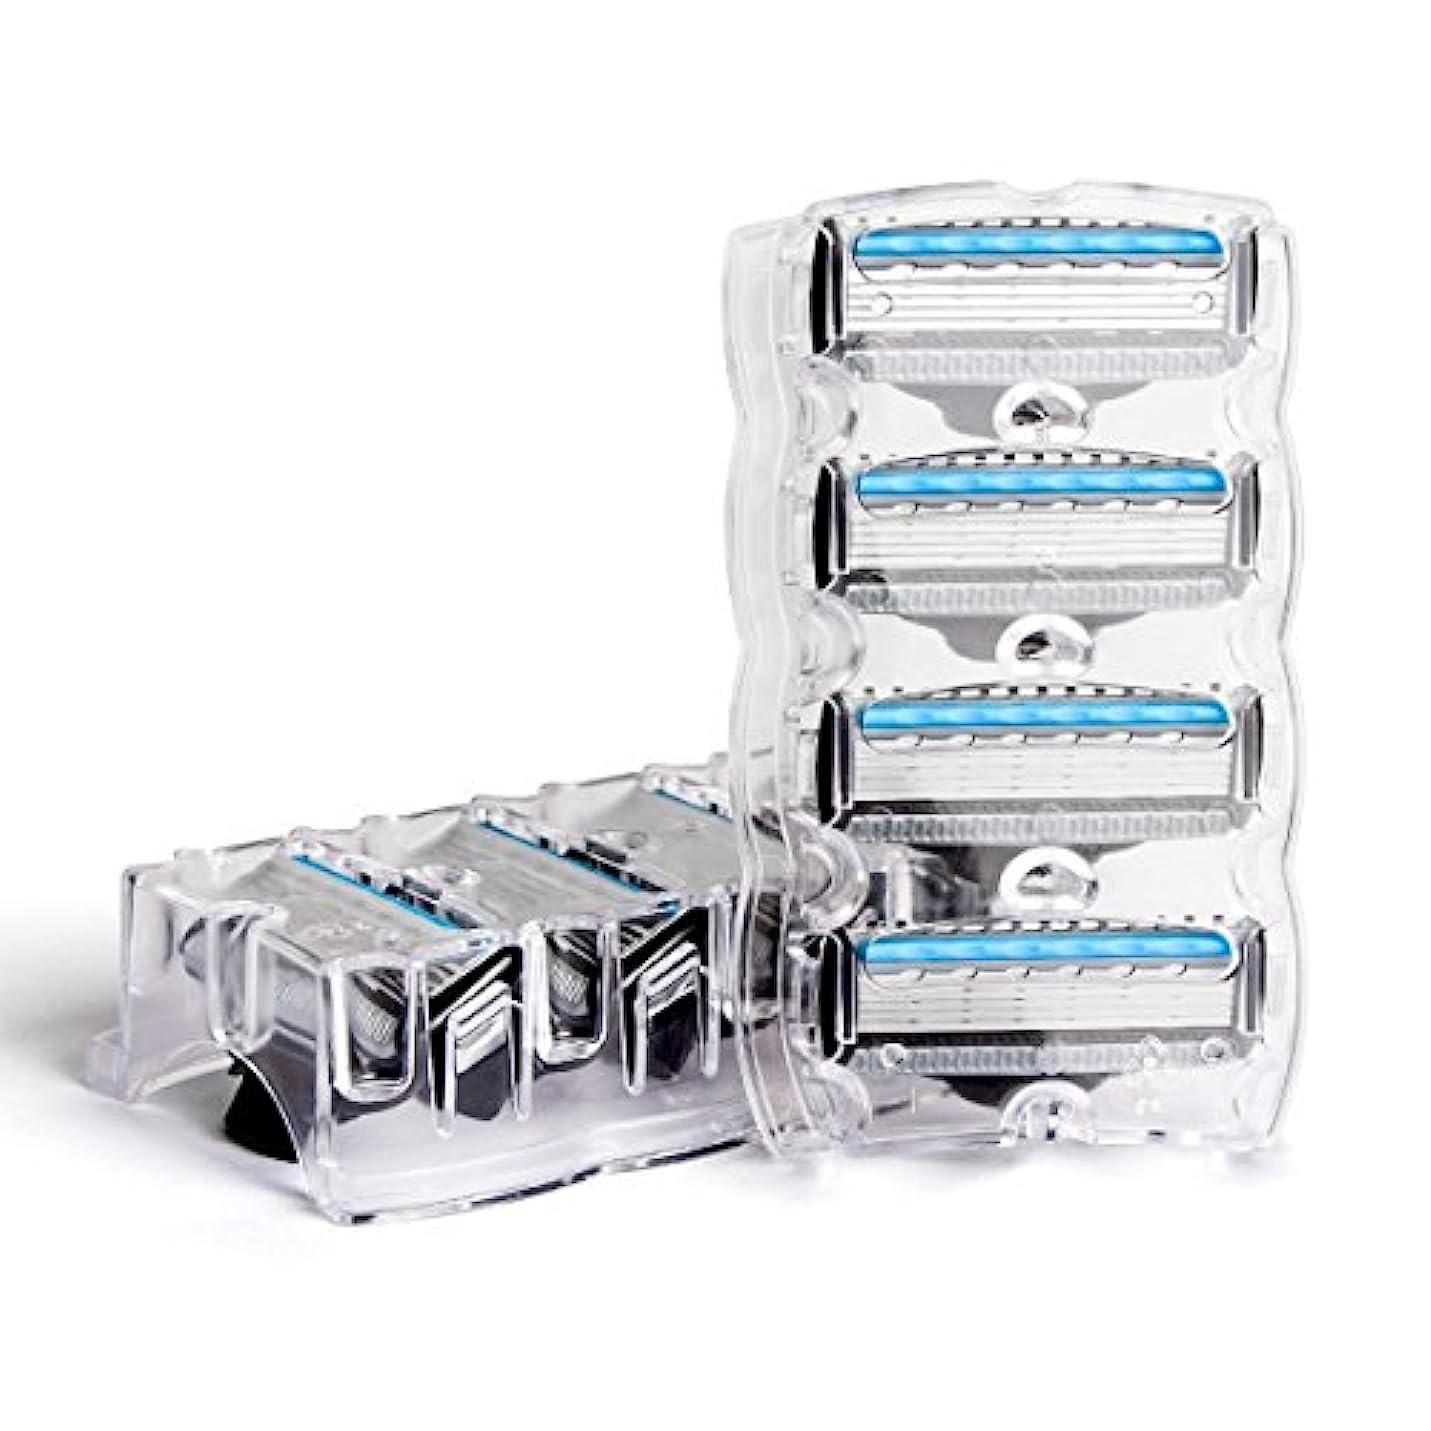 QSHAVEのX5 (5枚刃) カミソリ替刃カートリッジは、トリマーフィットQSHAVEブルーシリーズのカミソリにお使いいただけます。 (8つ入り)